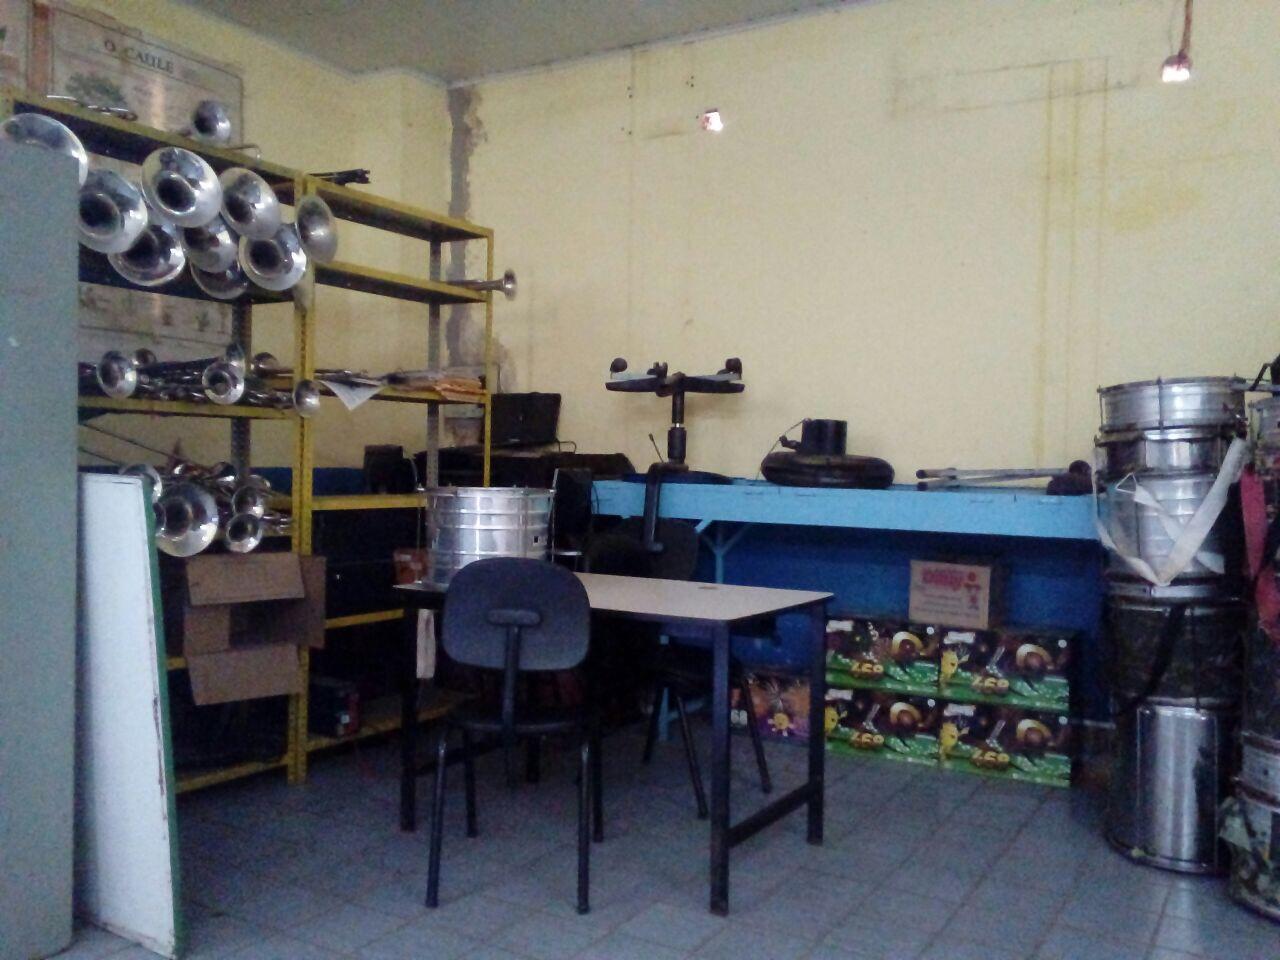 Alunos e comunidade acadêmica de Coelho Neto são prejudicados pela falta de biblioteca pública